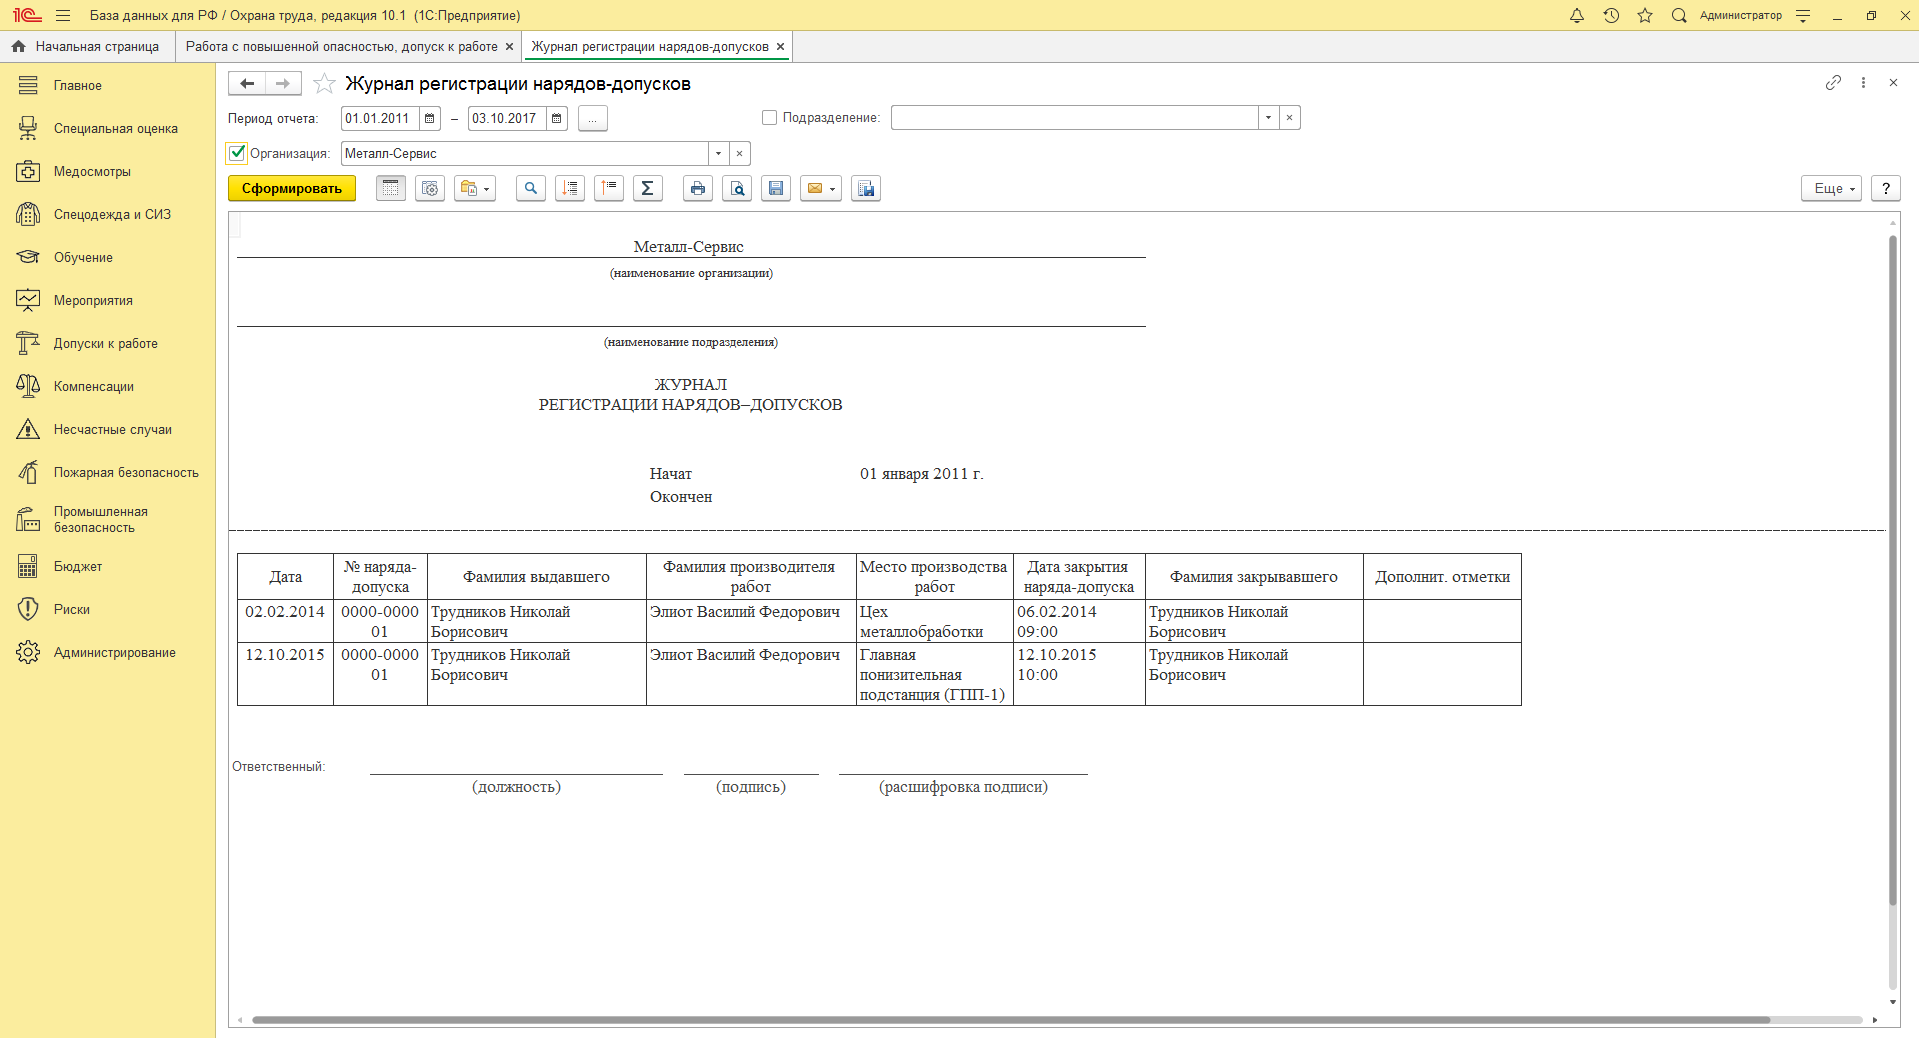 Печатная форма журнал регистрация нарядов-допусков в программе охрана труда для 1С